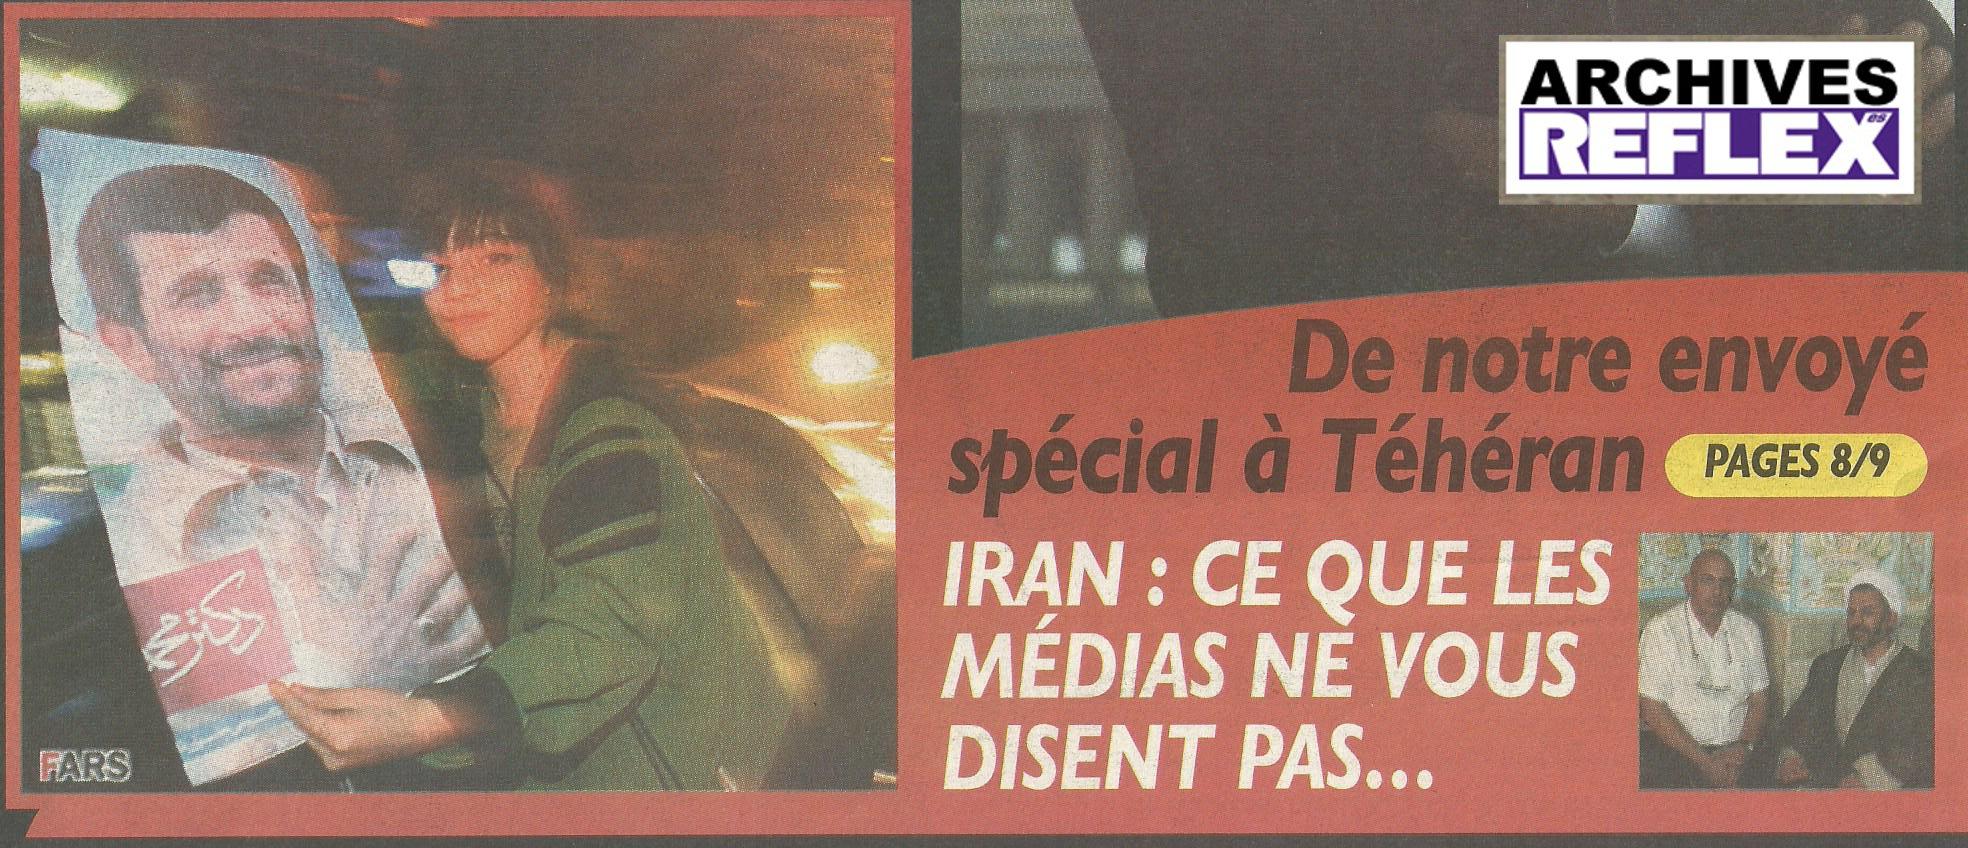 Christian bouchet dans Flash n° 21 du 27 août 2009